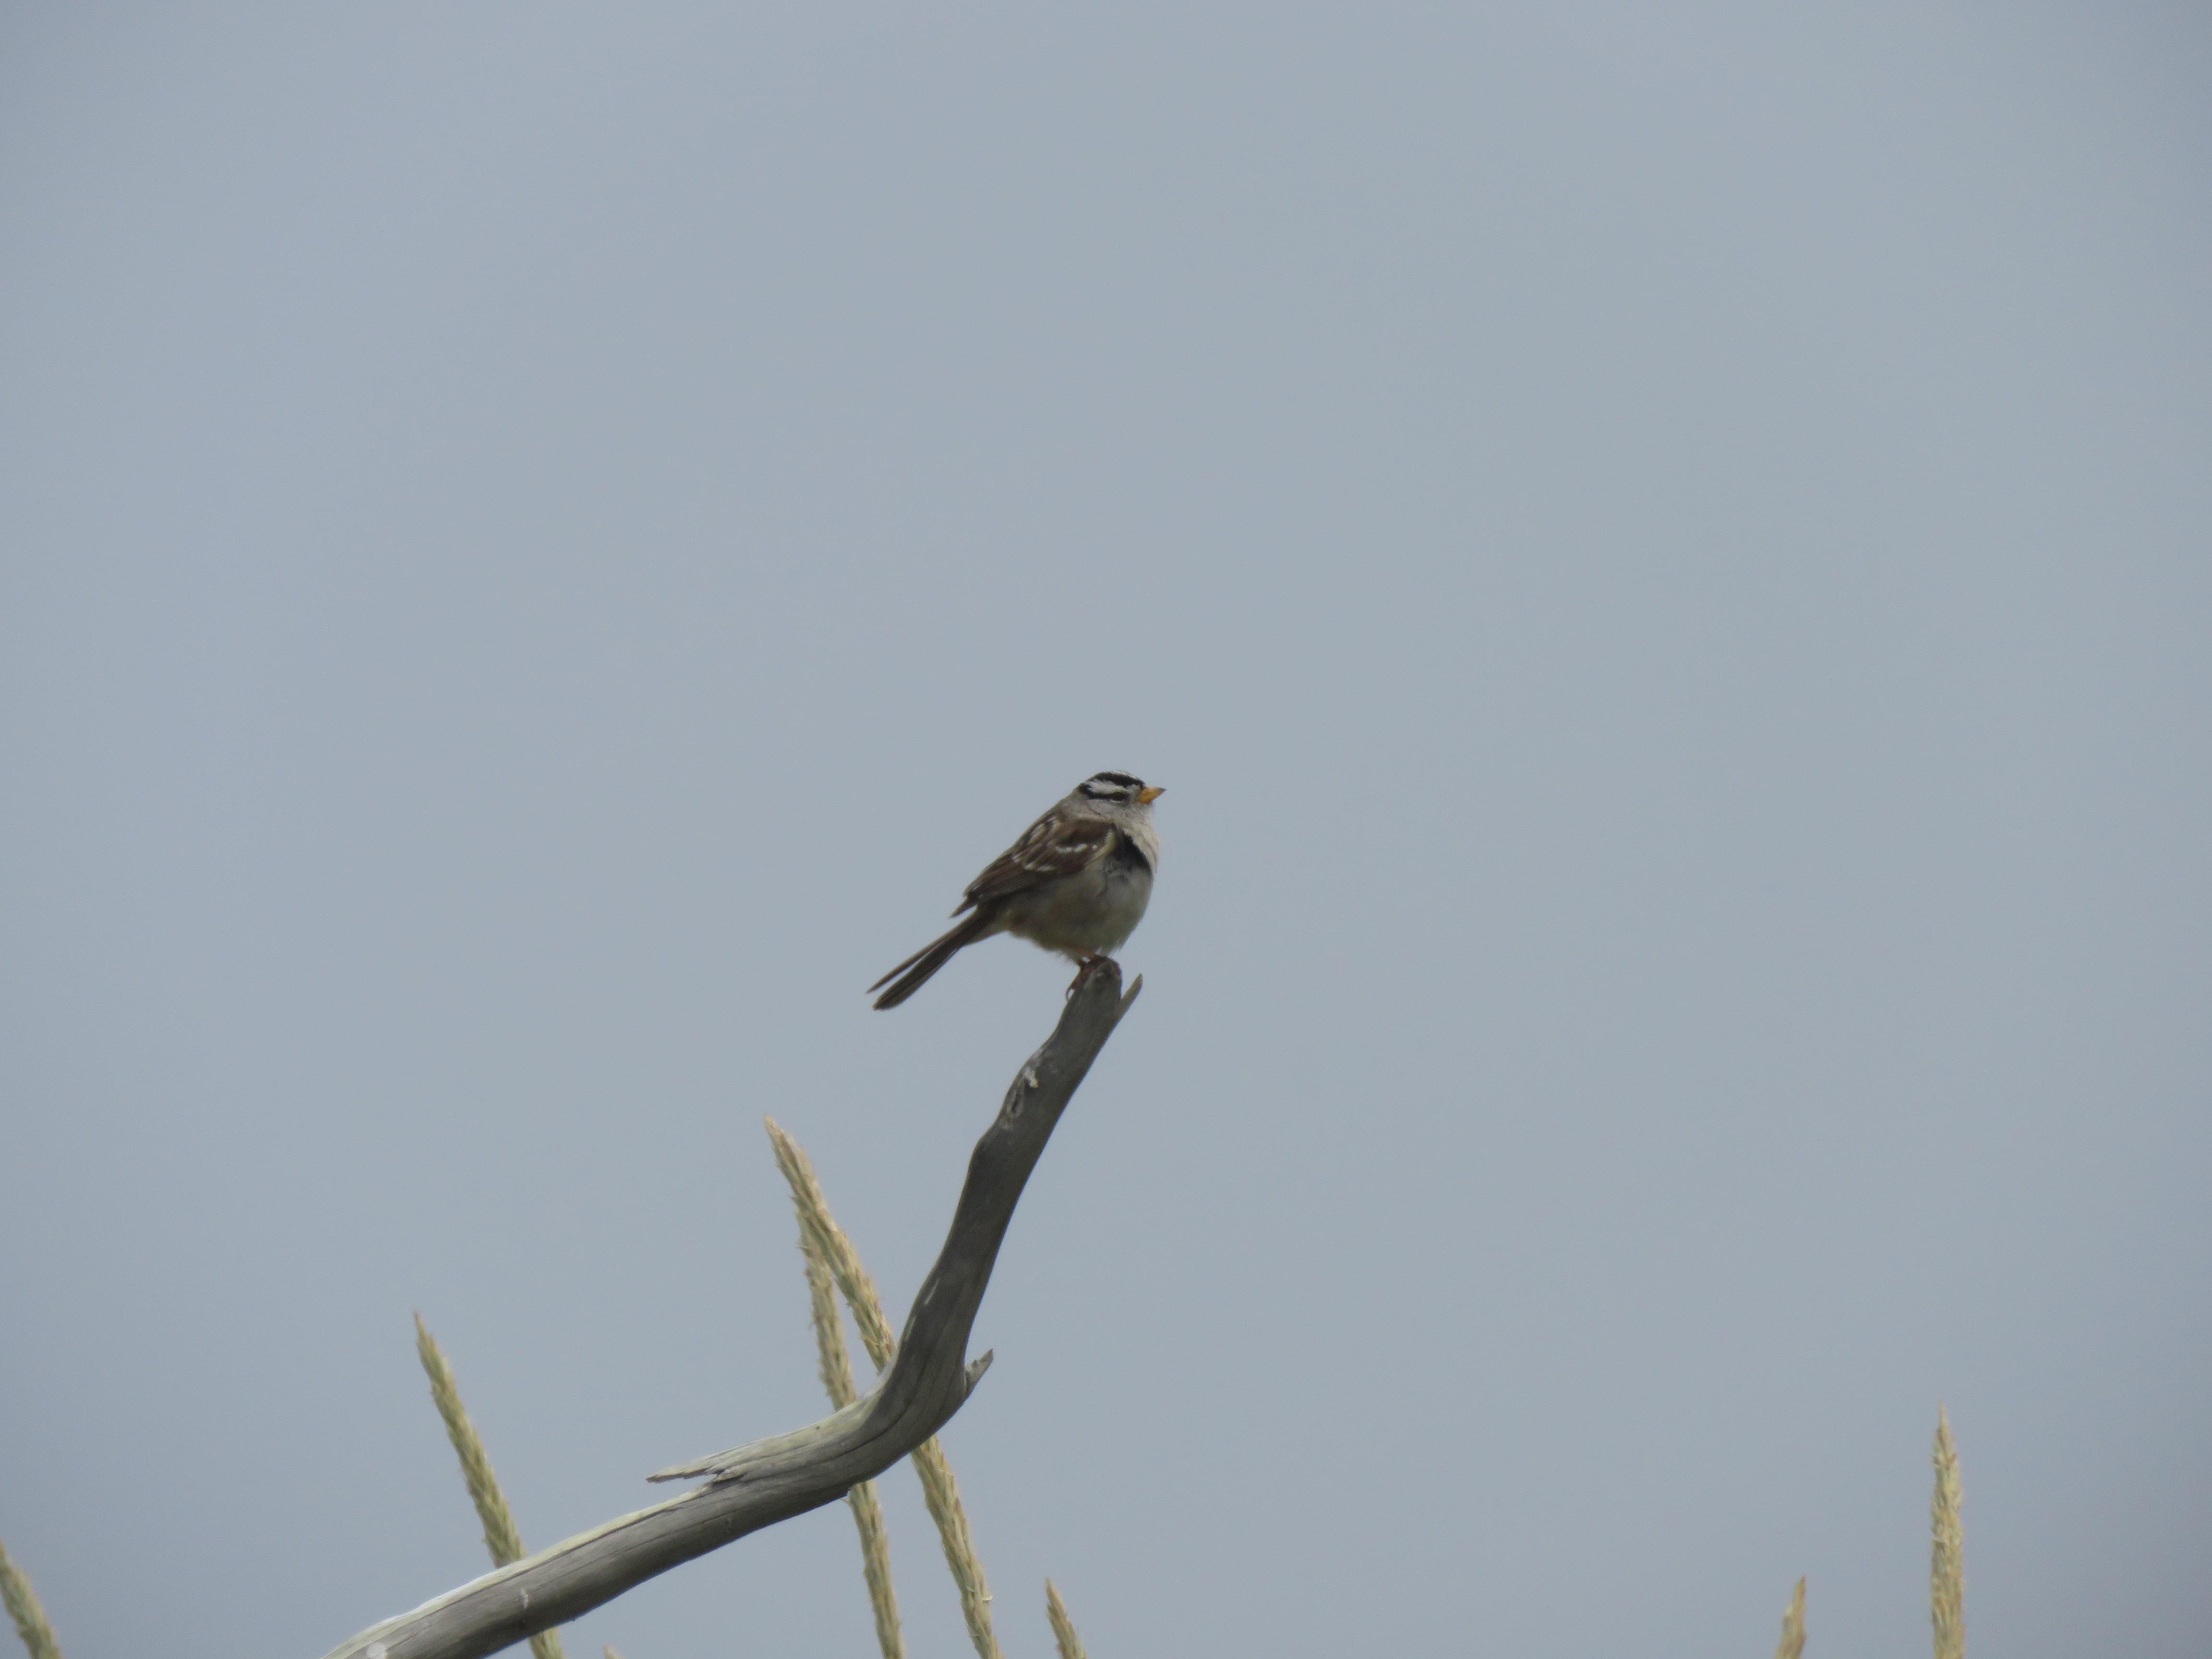 portrait of sparrow